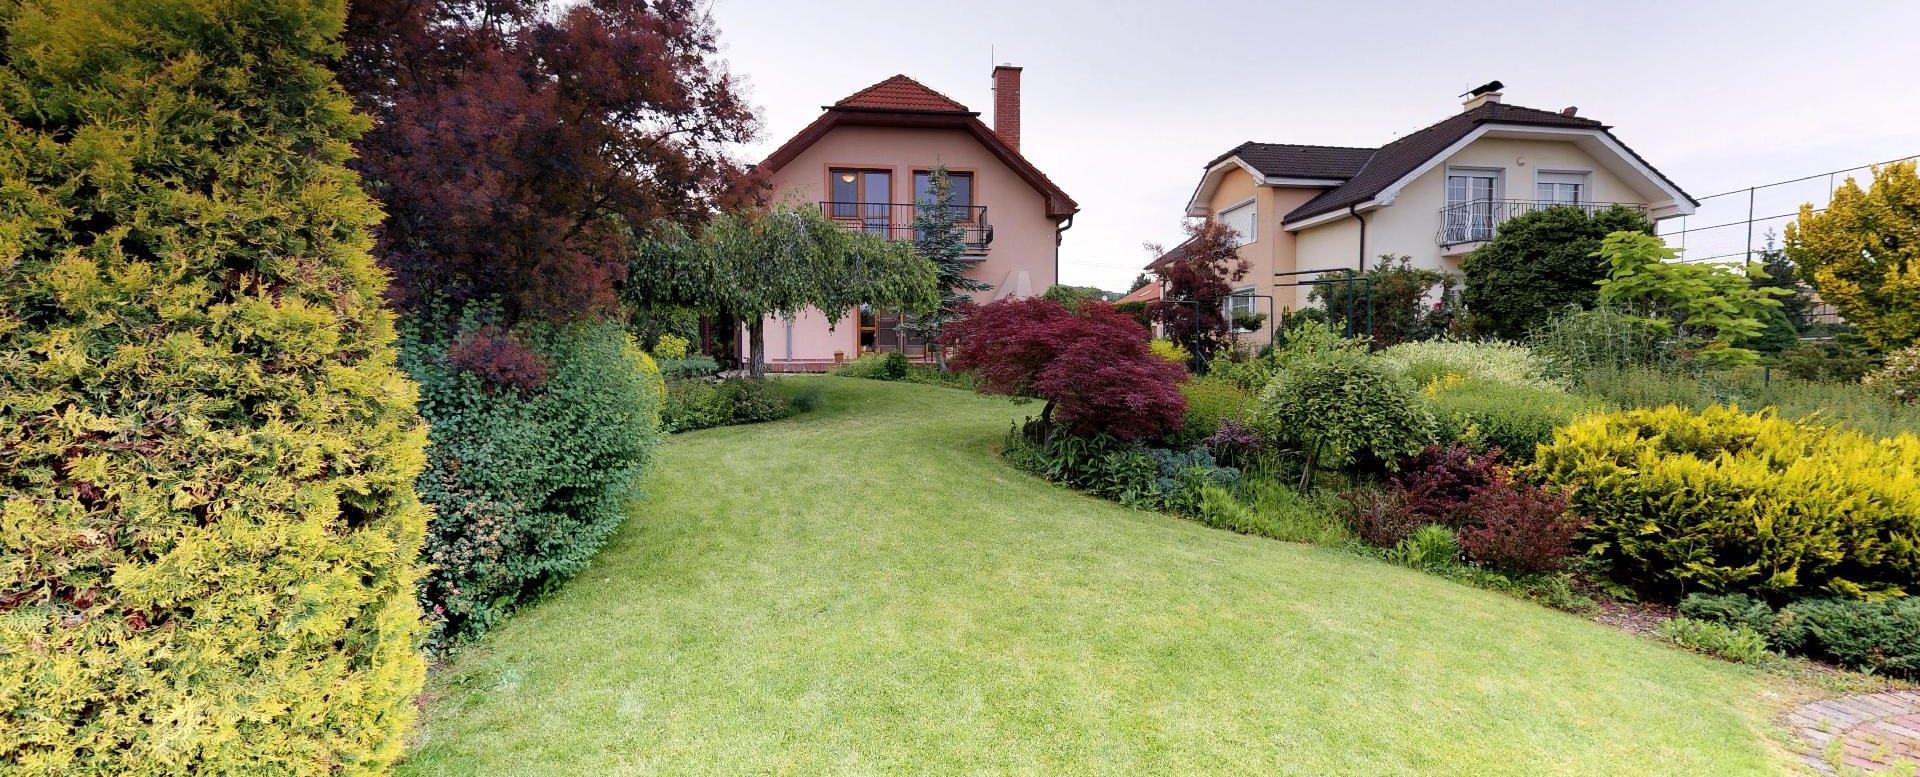 Pohľad na dom zo záhrady